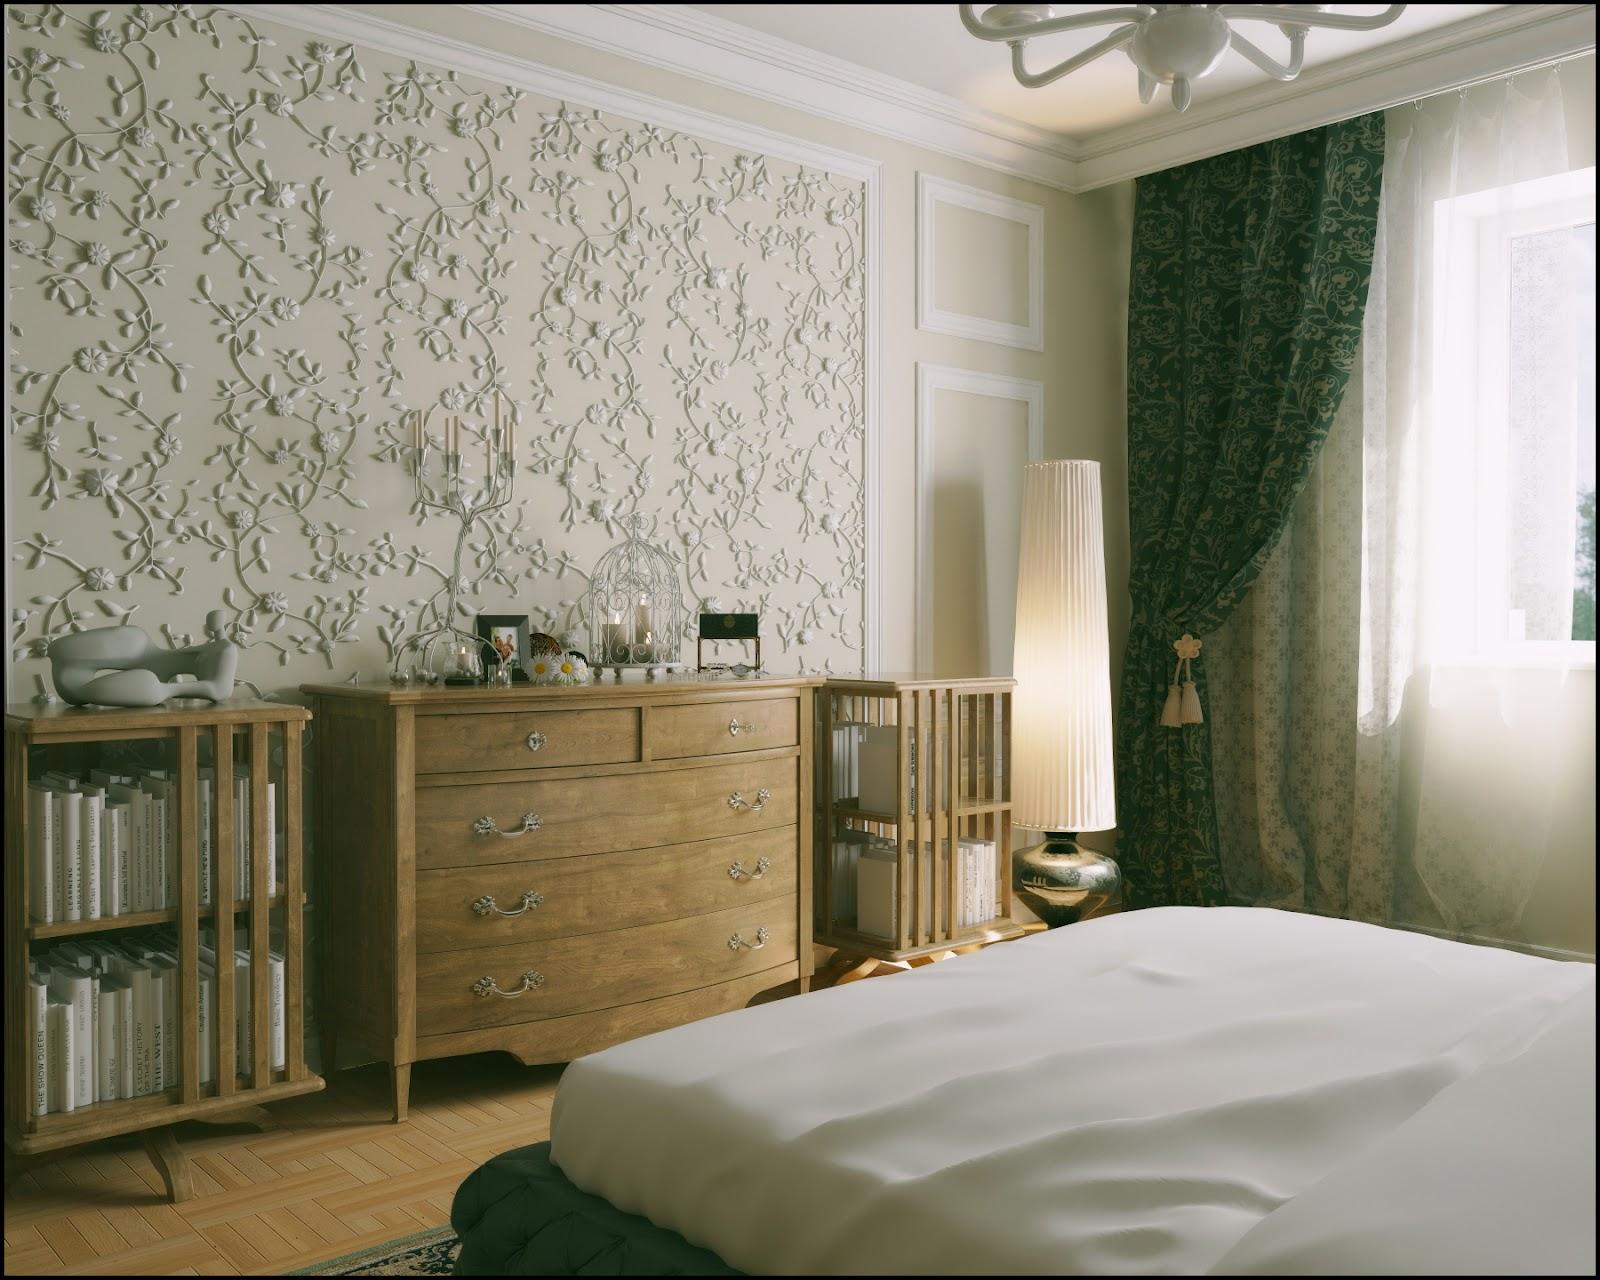 обои маленькой спальни фото современный дизайн